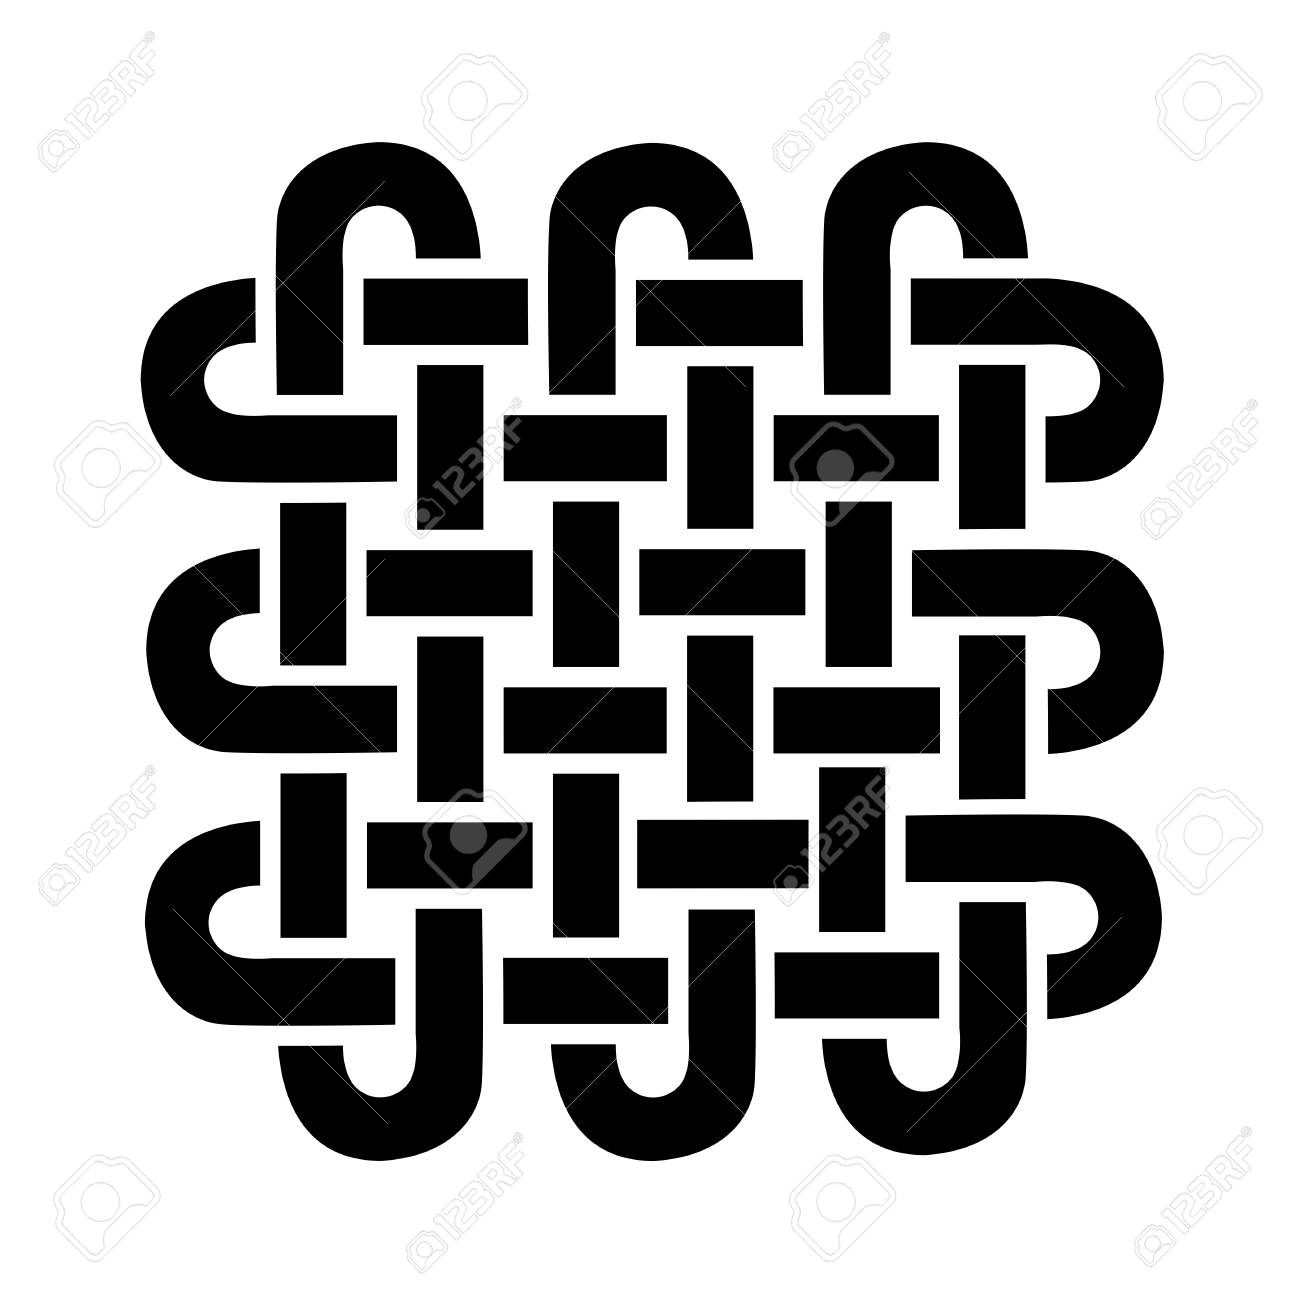 Symbole De Forme Carrée De Style Celtique Basé Sur Le Noeud De L